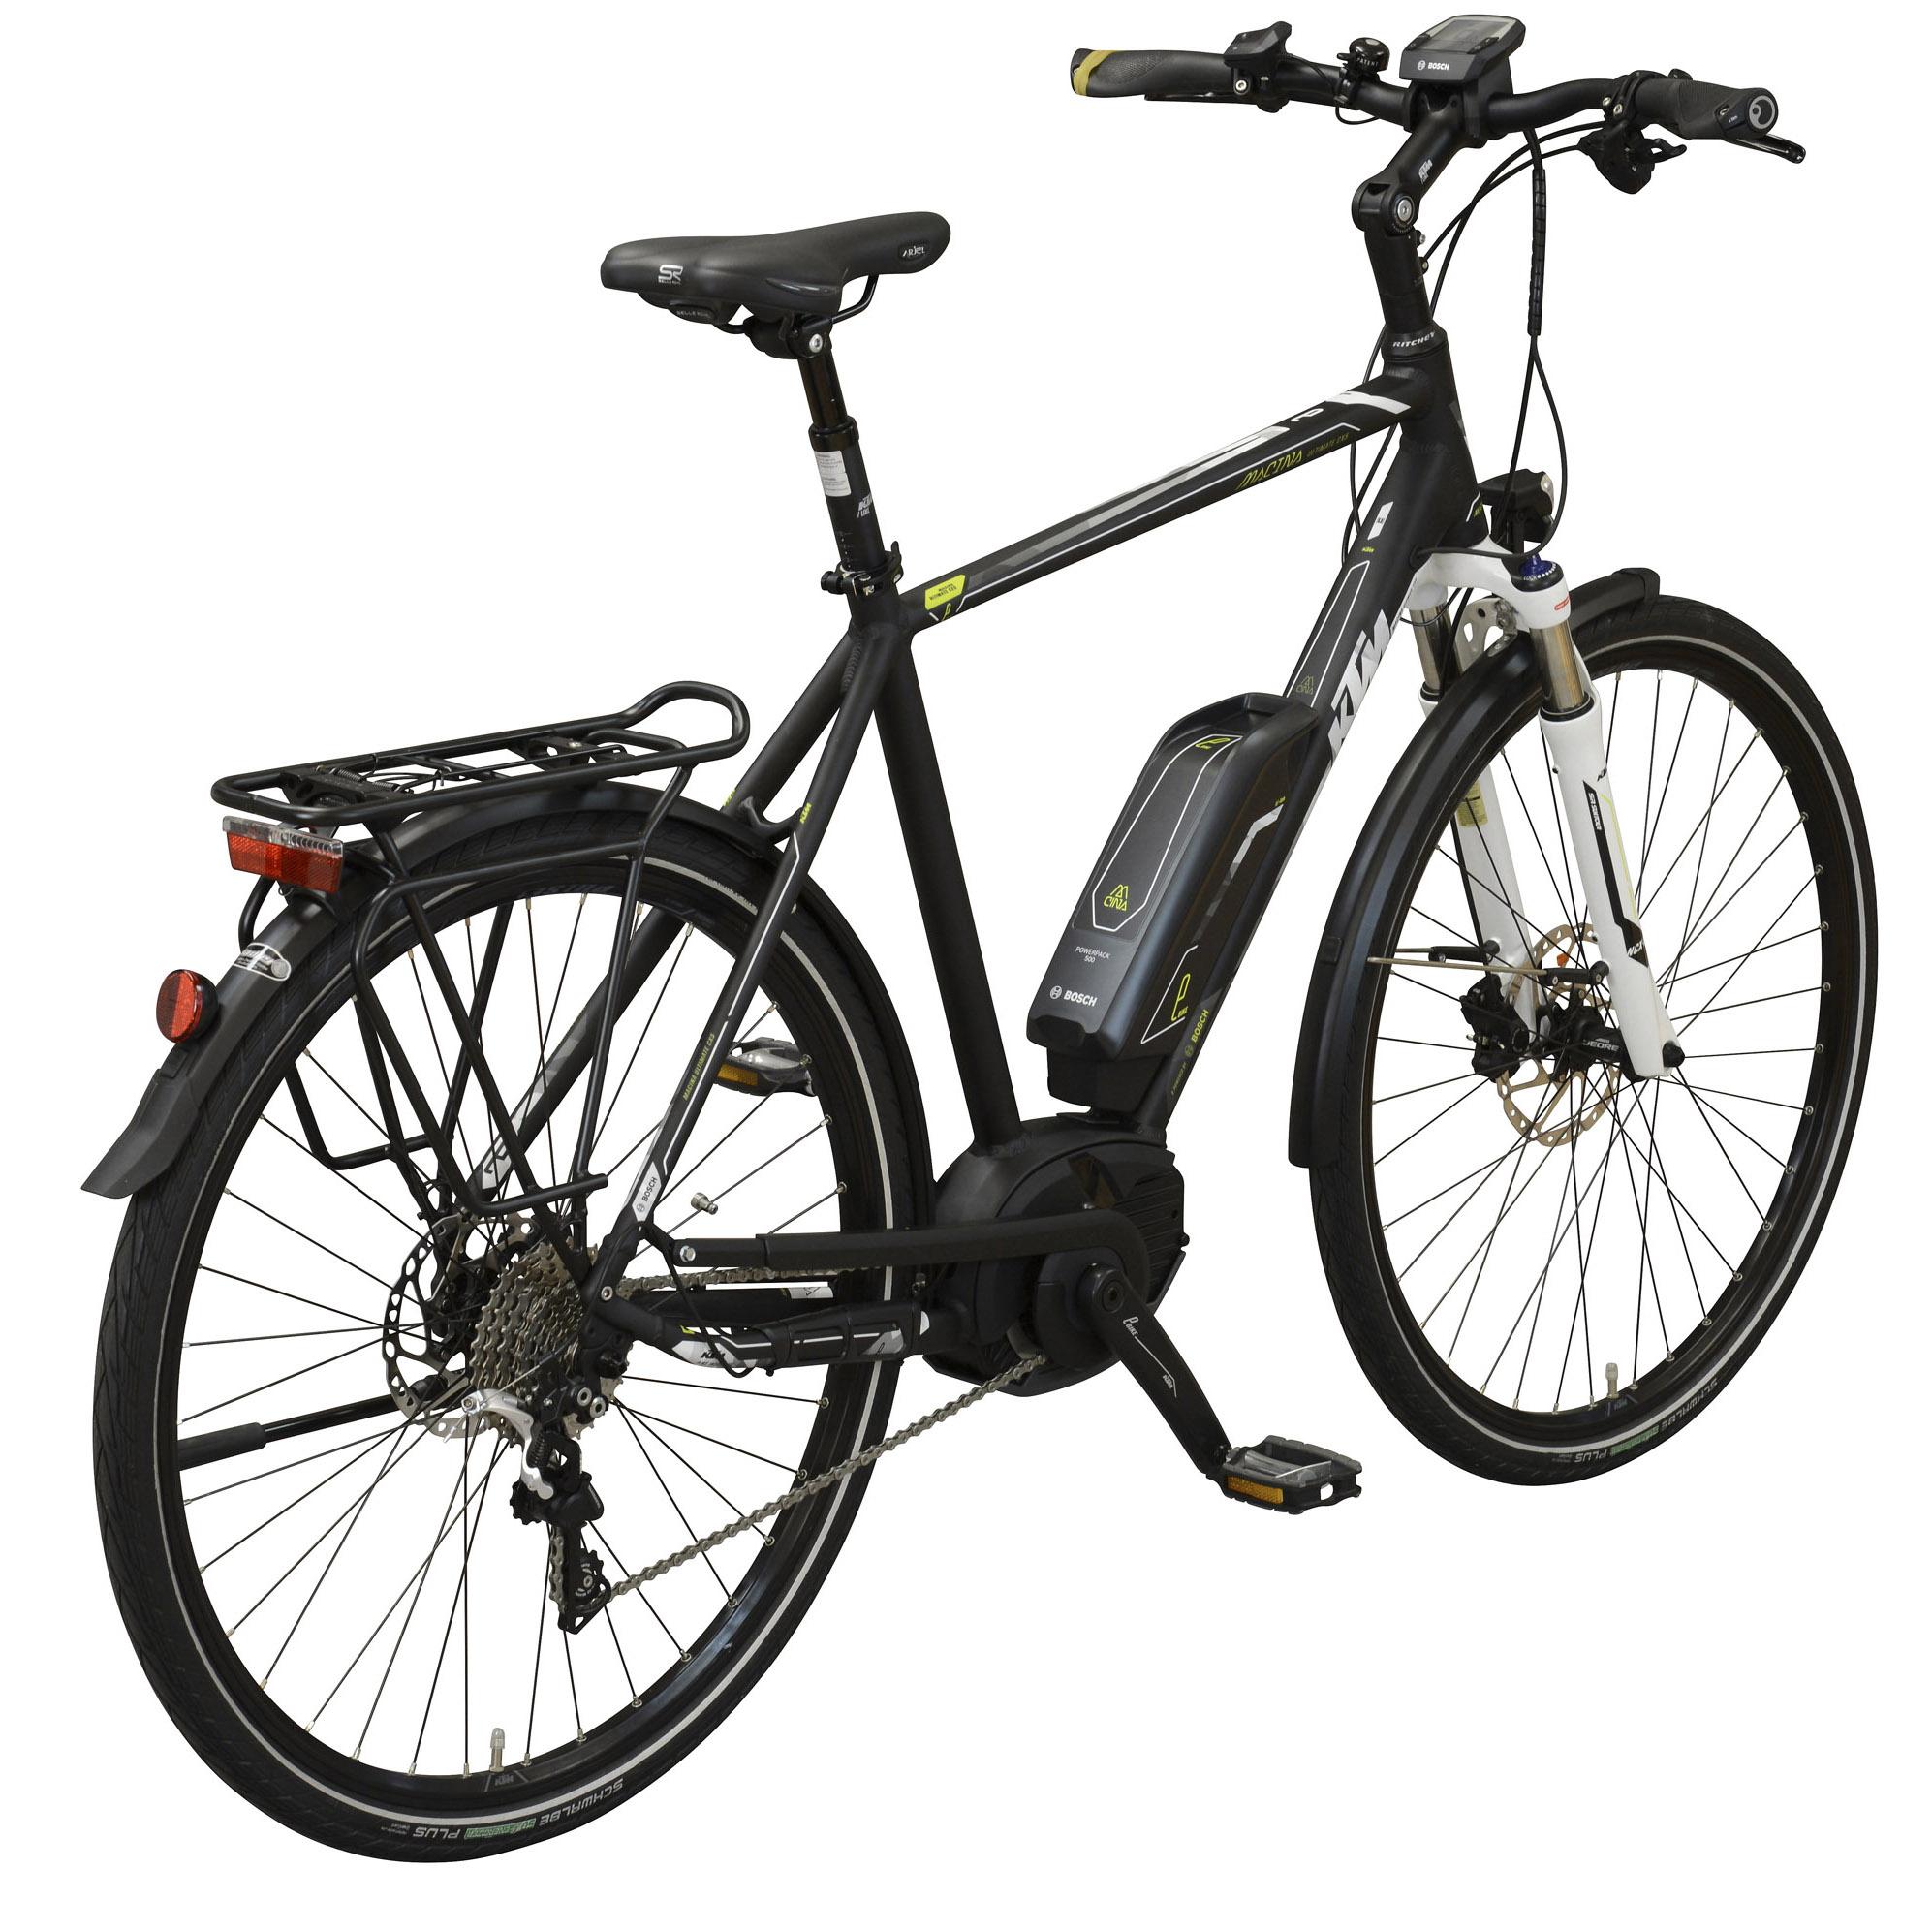 ktm macina ultimate 10 cx5 e bike trapez 46 cm online. Black Bedroom Furniture Sets. Home Design Ideas